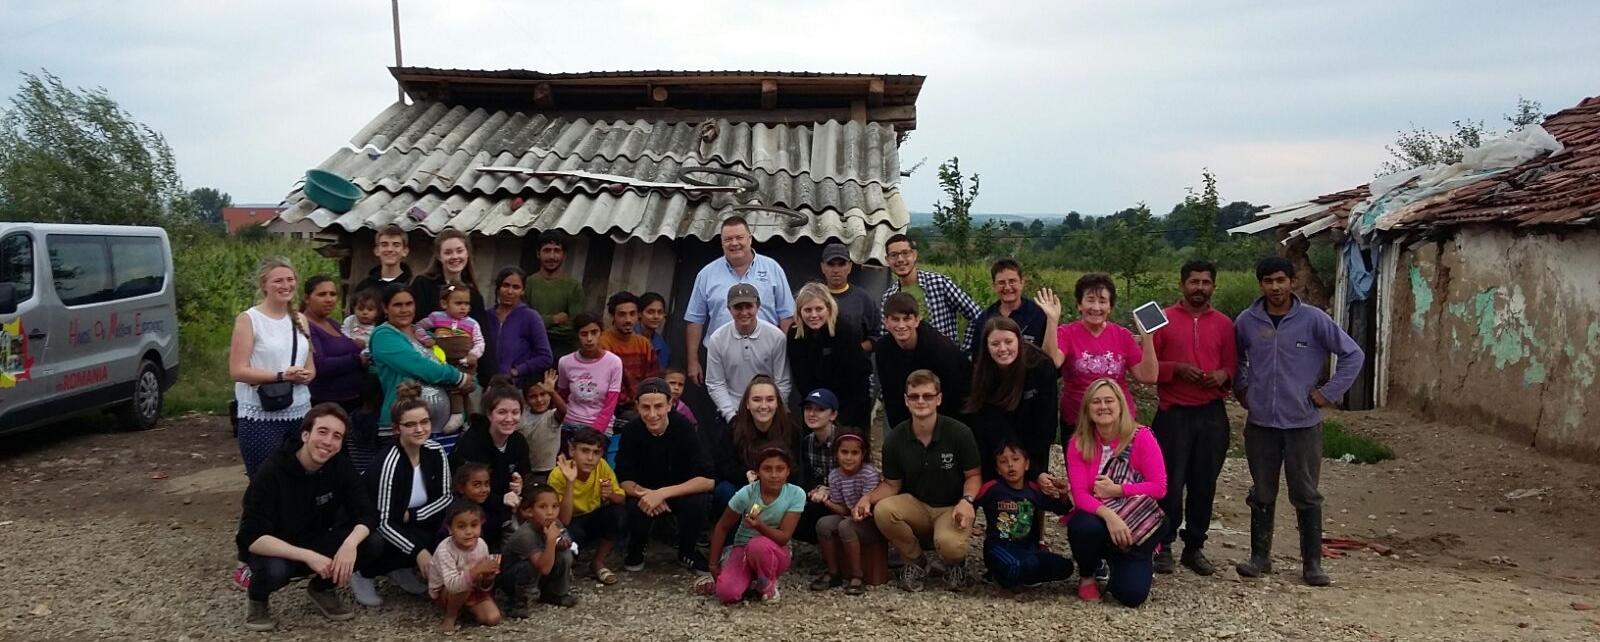 Mission Team in Rapa, Romania